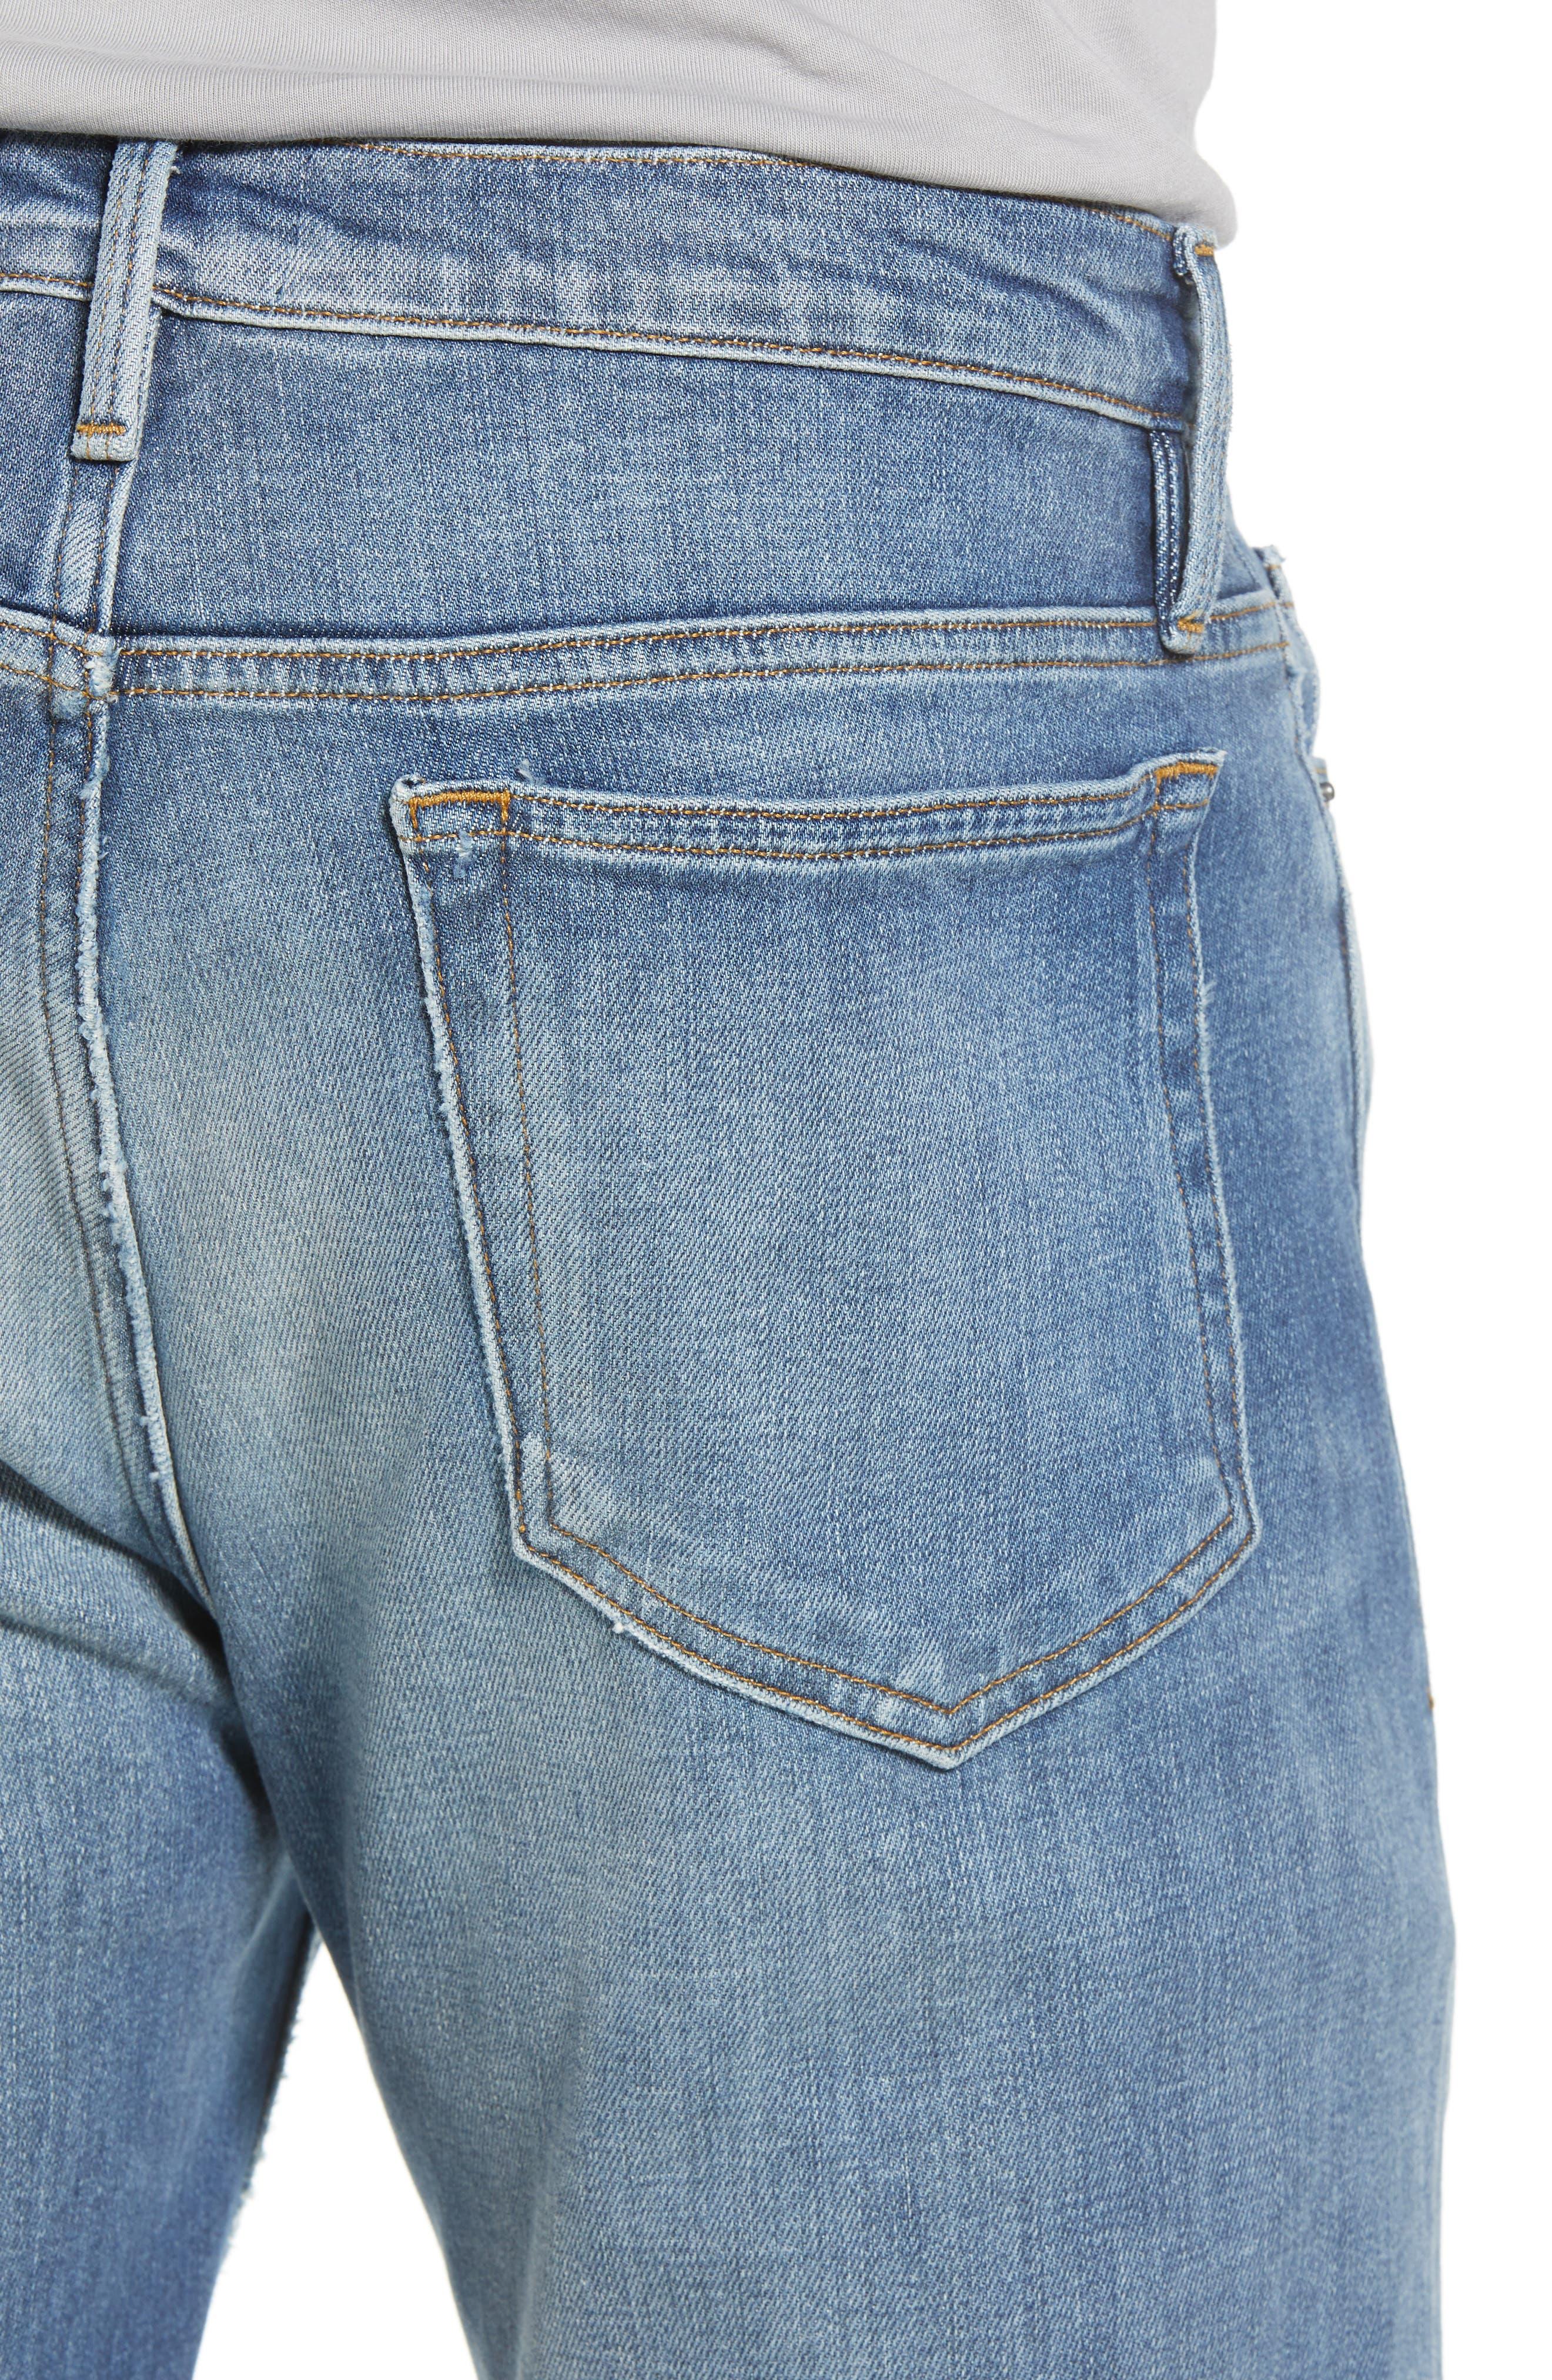 L'Homme Slim Fit Jeans,                             Alternate thumbnail 4, color,                             Yucca